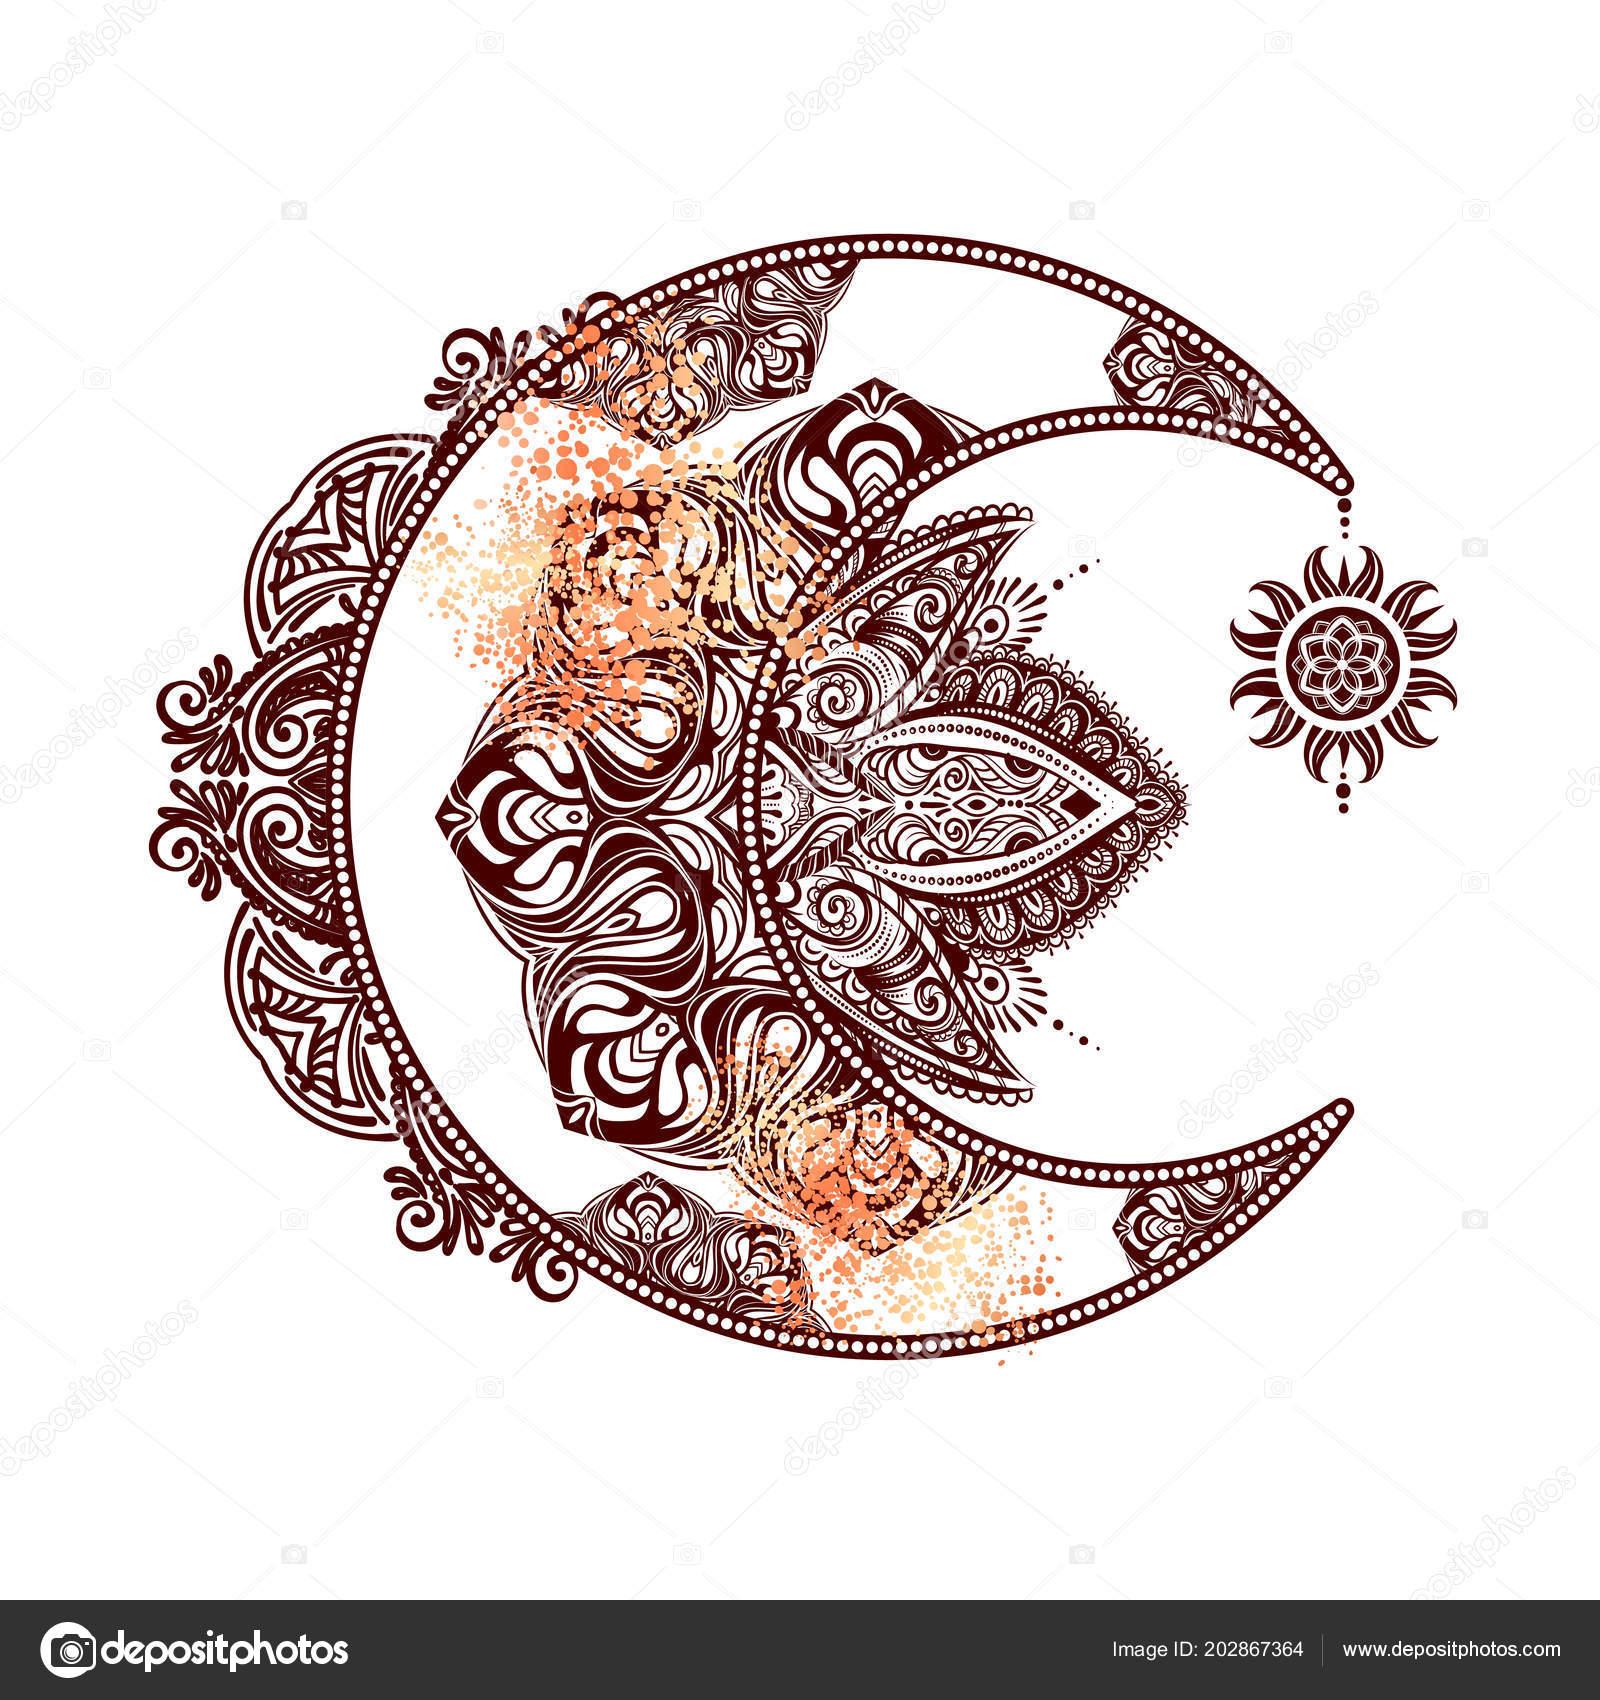 Soleil Lune Alchimie Image Vectorielle Yulianas C 202867364